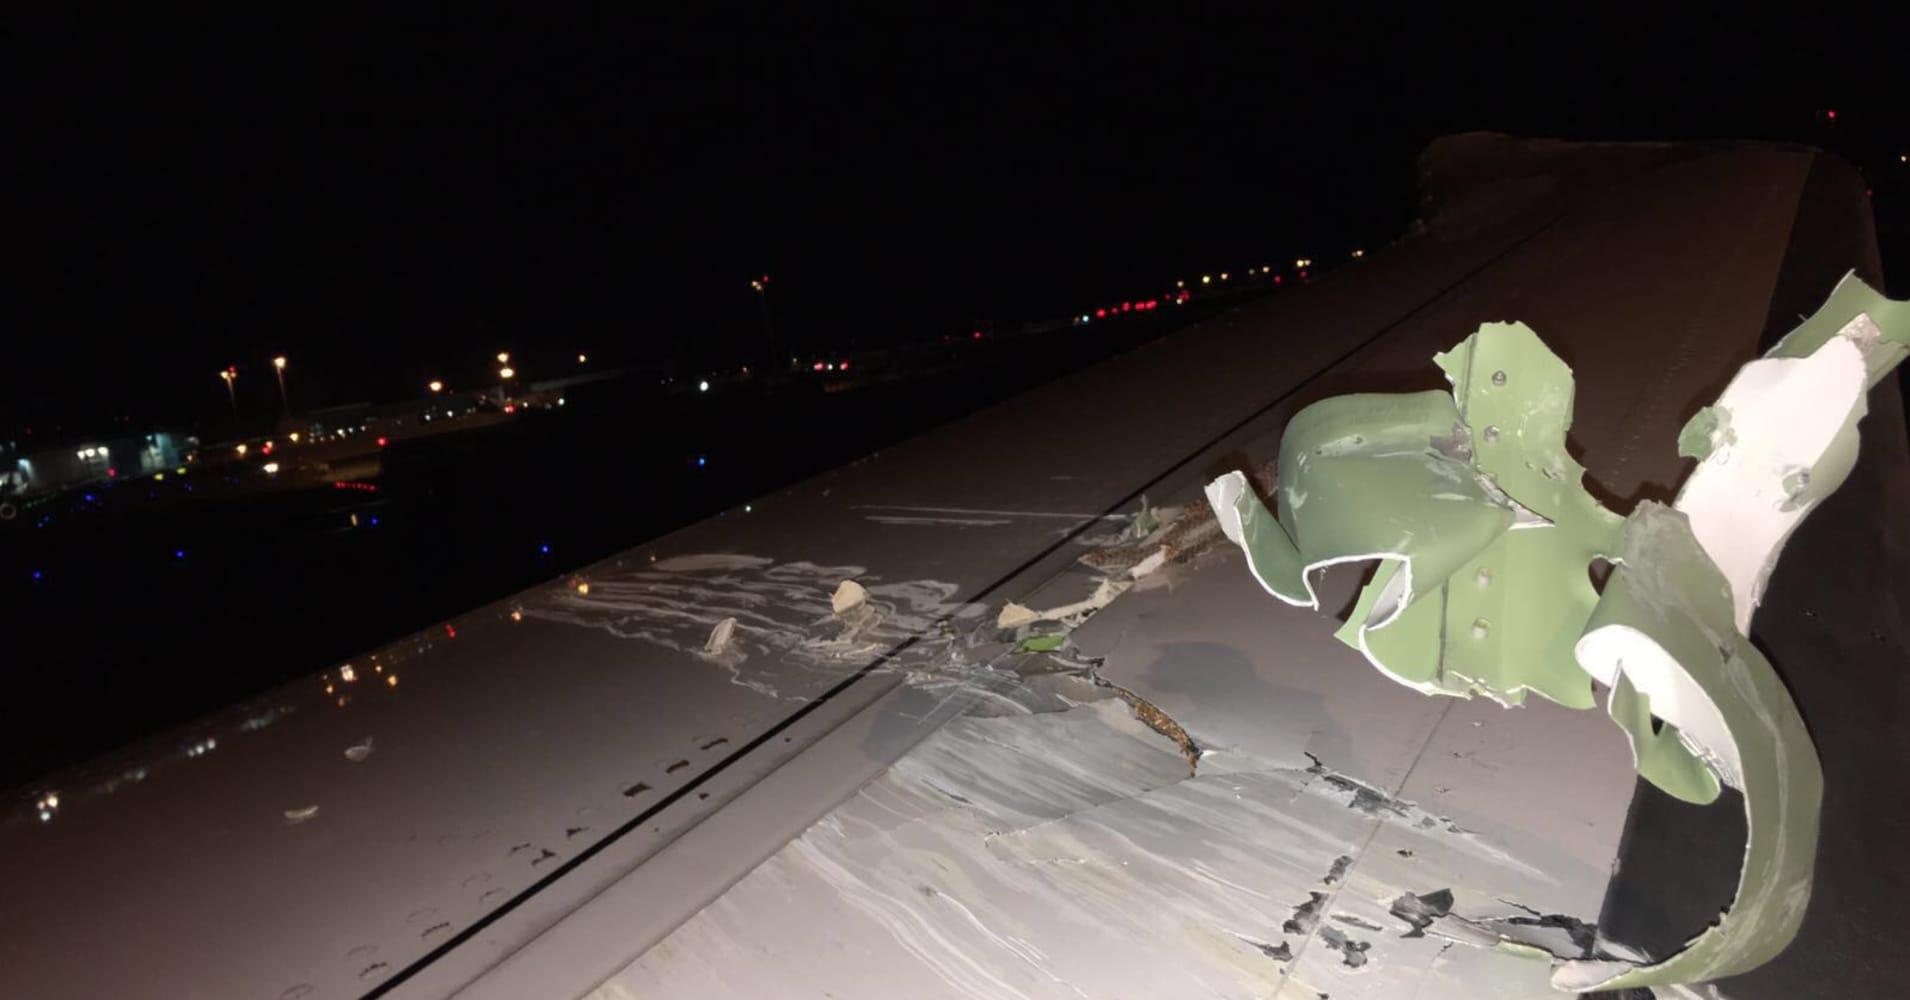 Aircraft impact at Singapore's Changi Airport